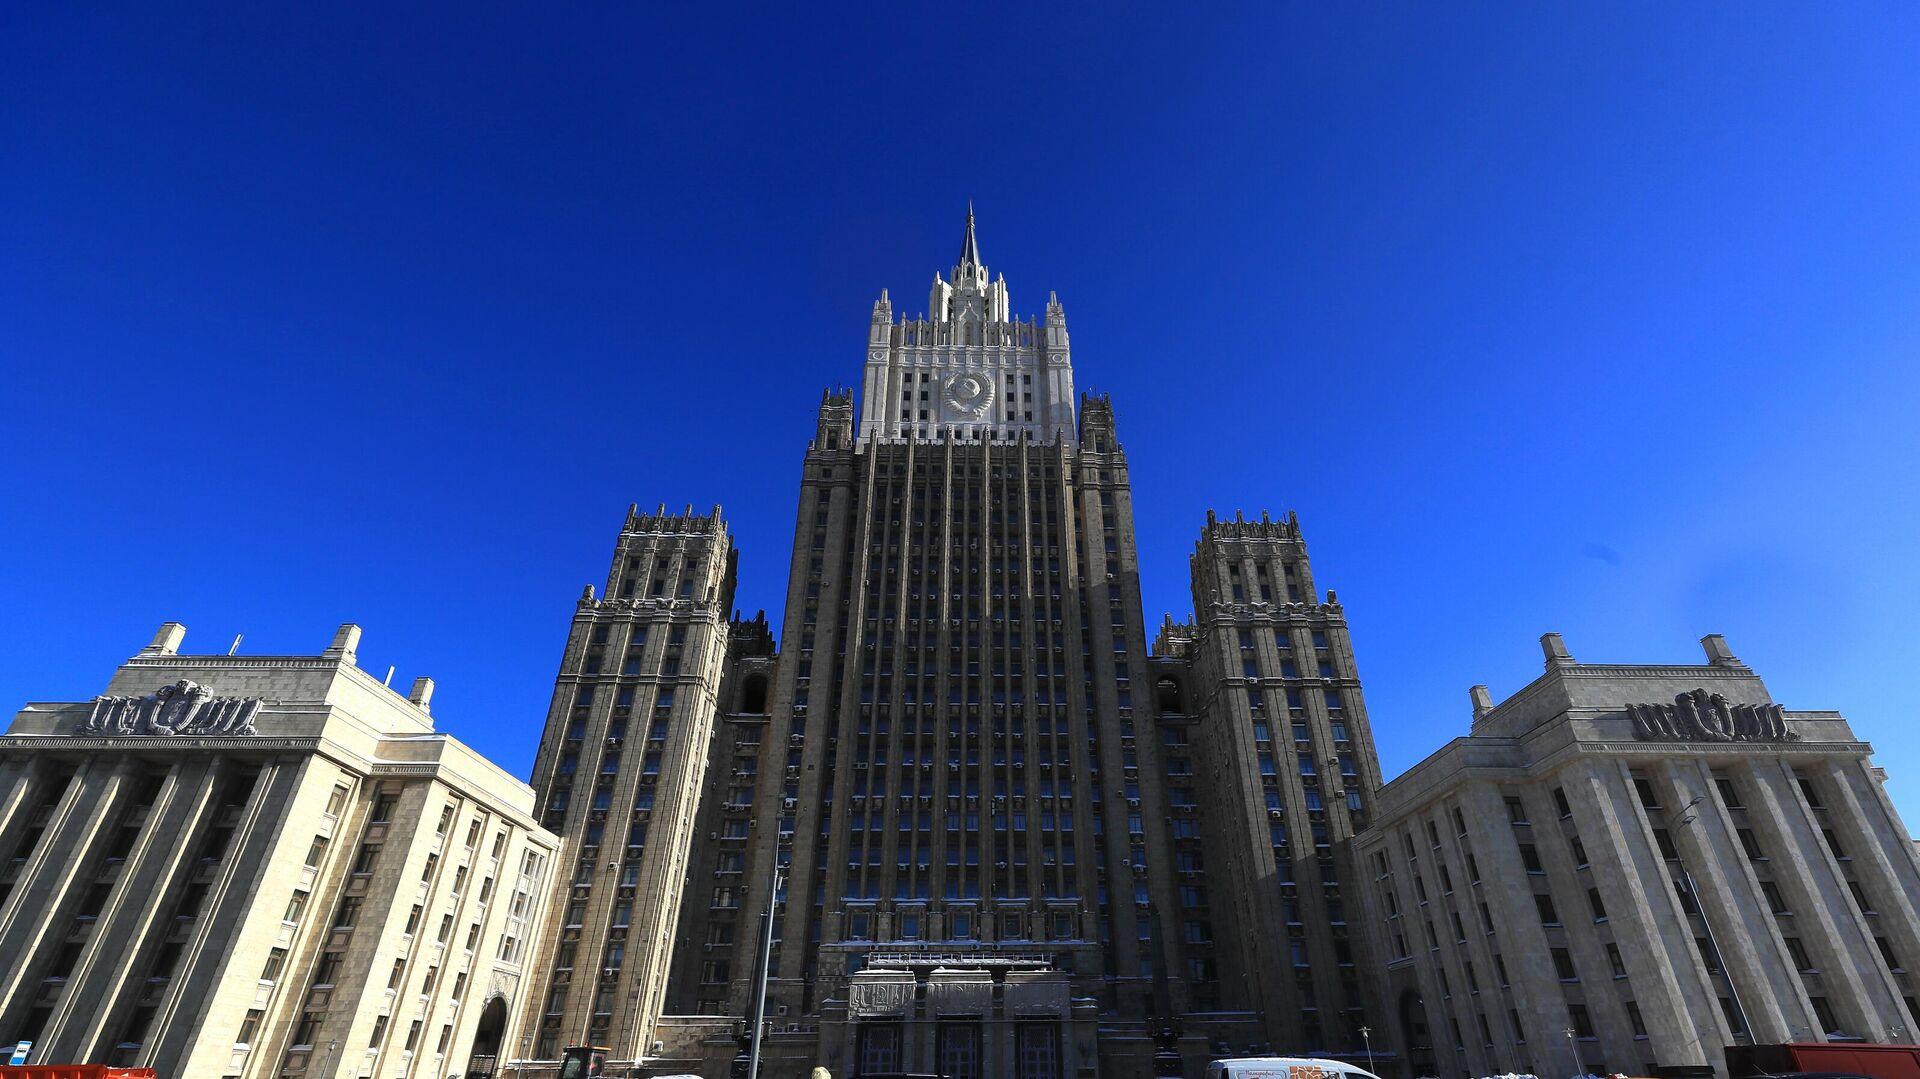 Здание Министерства иностранных дел РФ  - РИА Новости, 1920, 31.05.2021